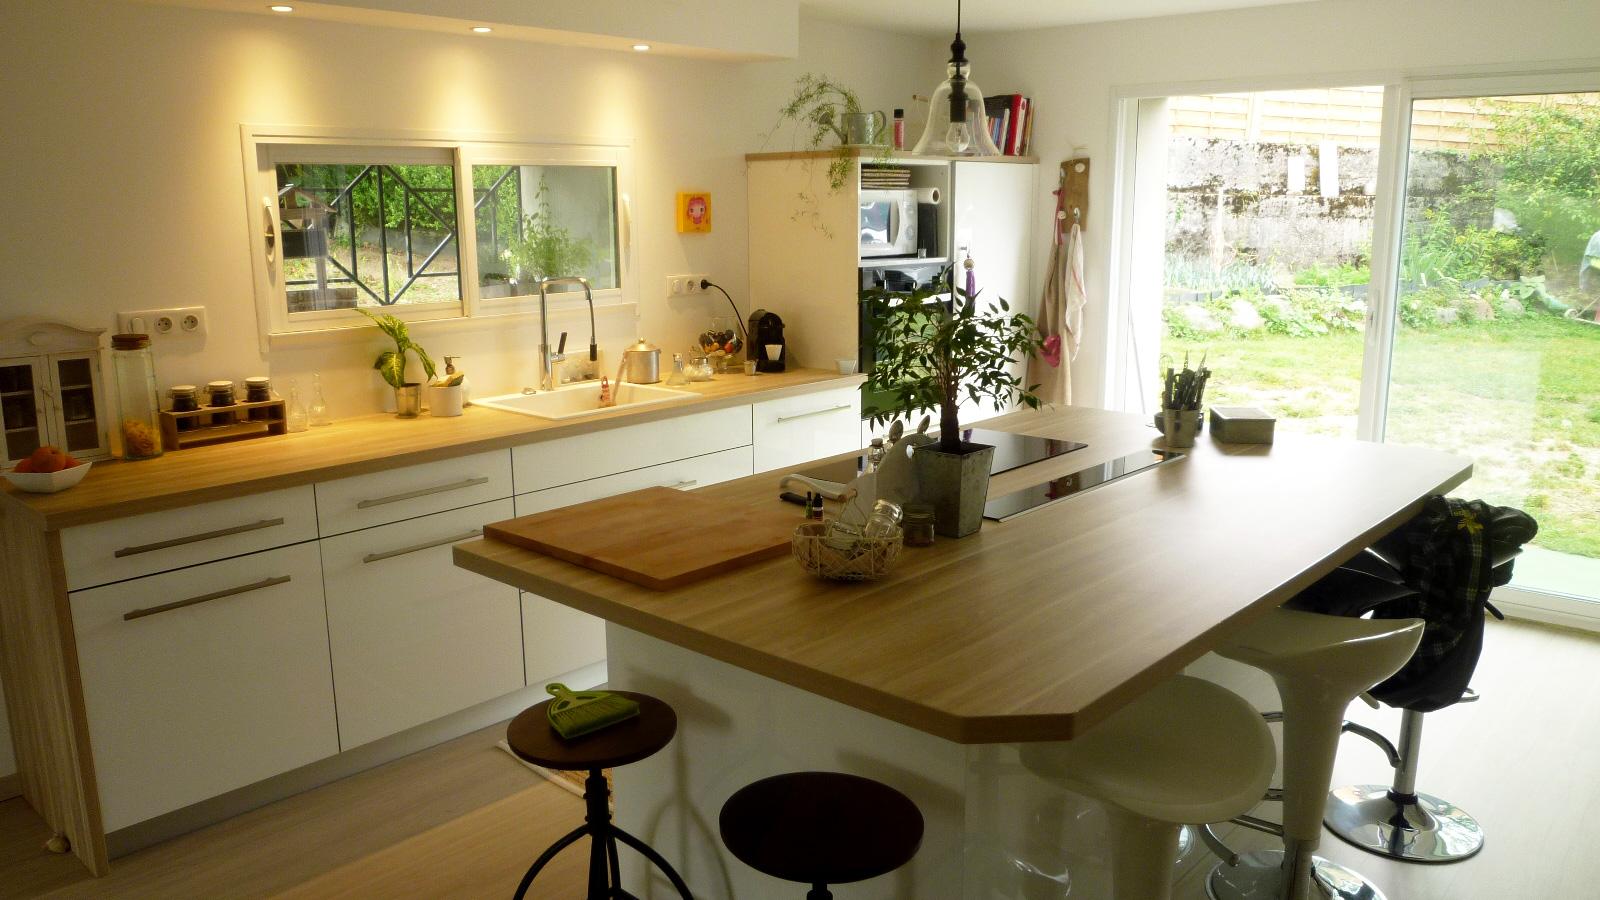 Habitat Meuble De Salle De Bain sud-ouest habitat 65 - spécialiste cuisines, salons